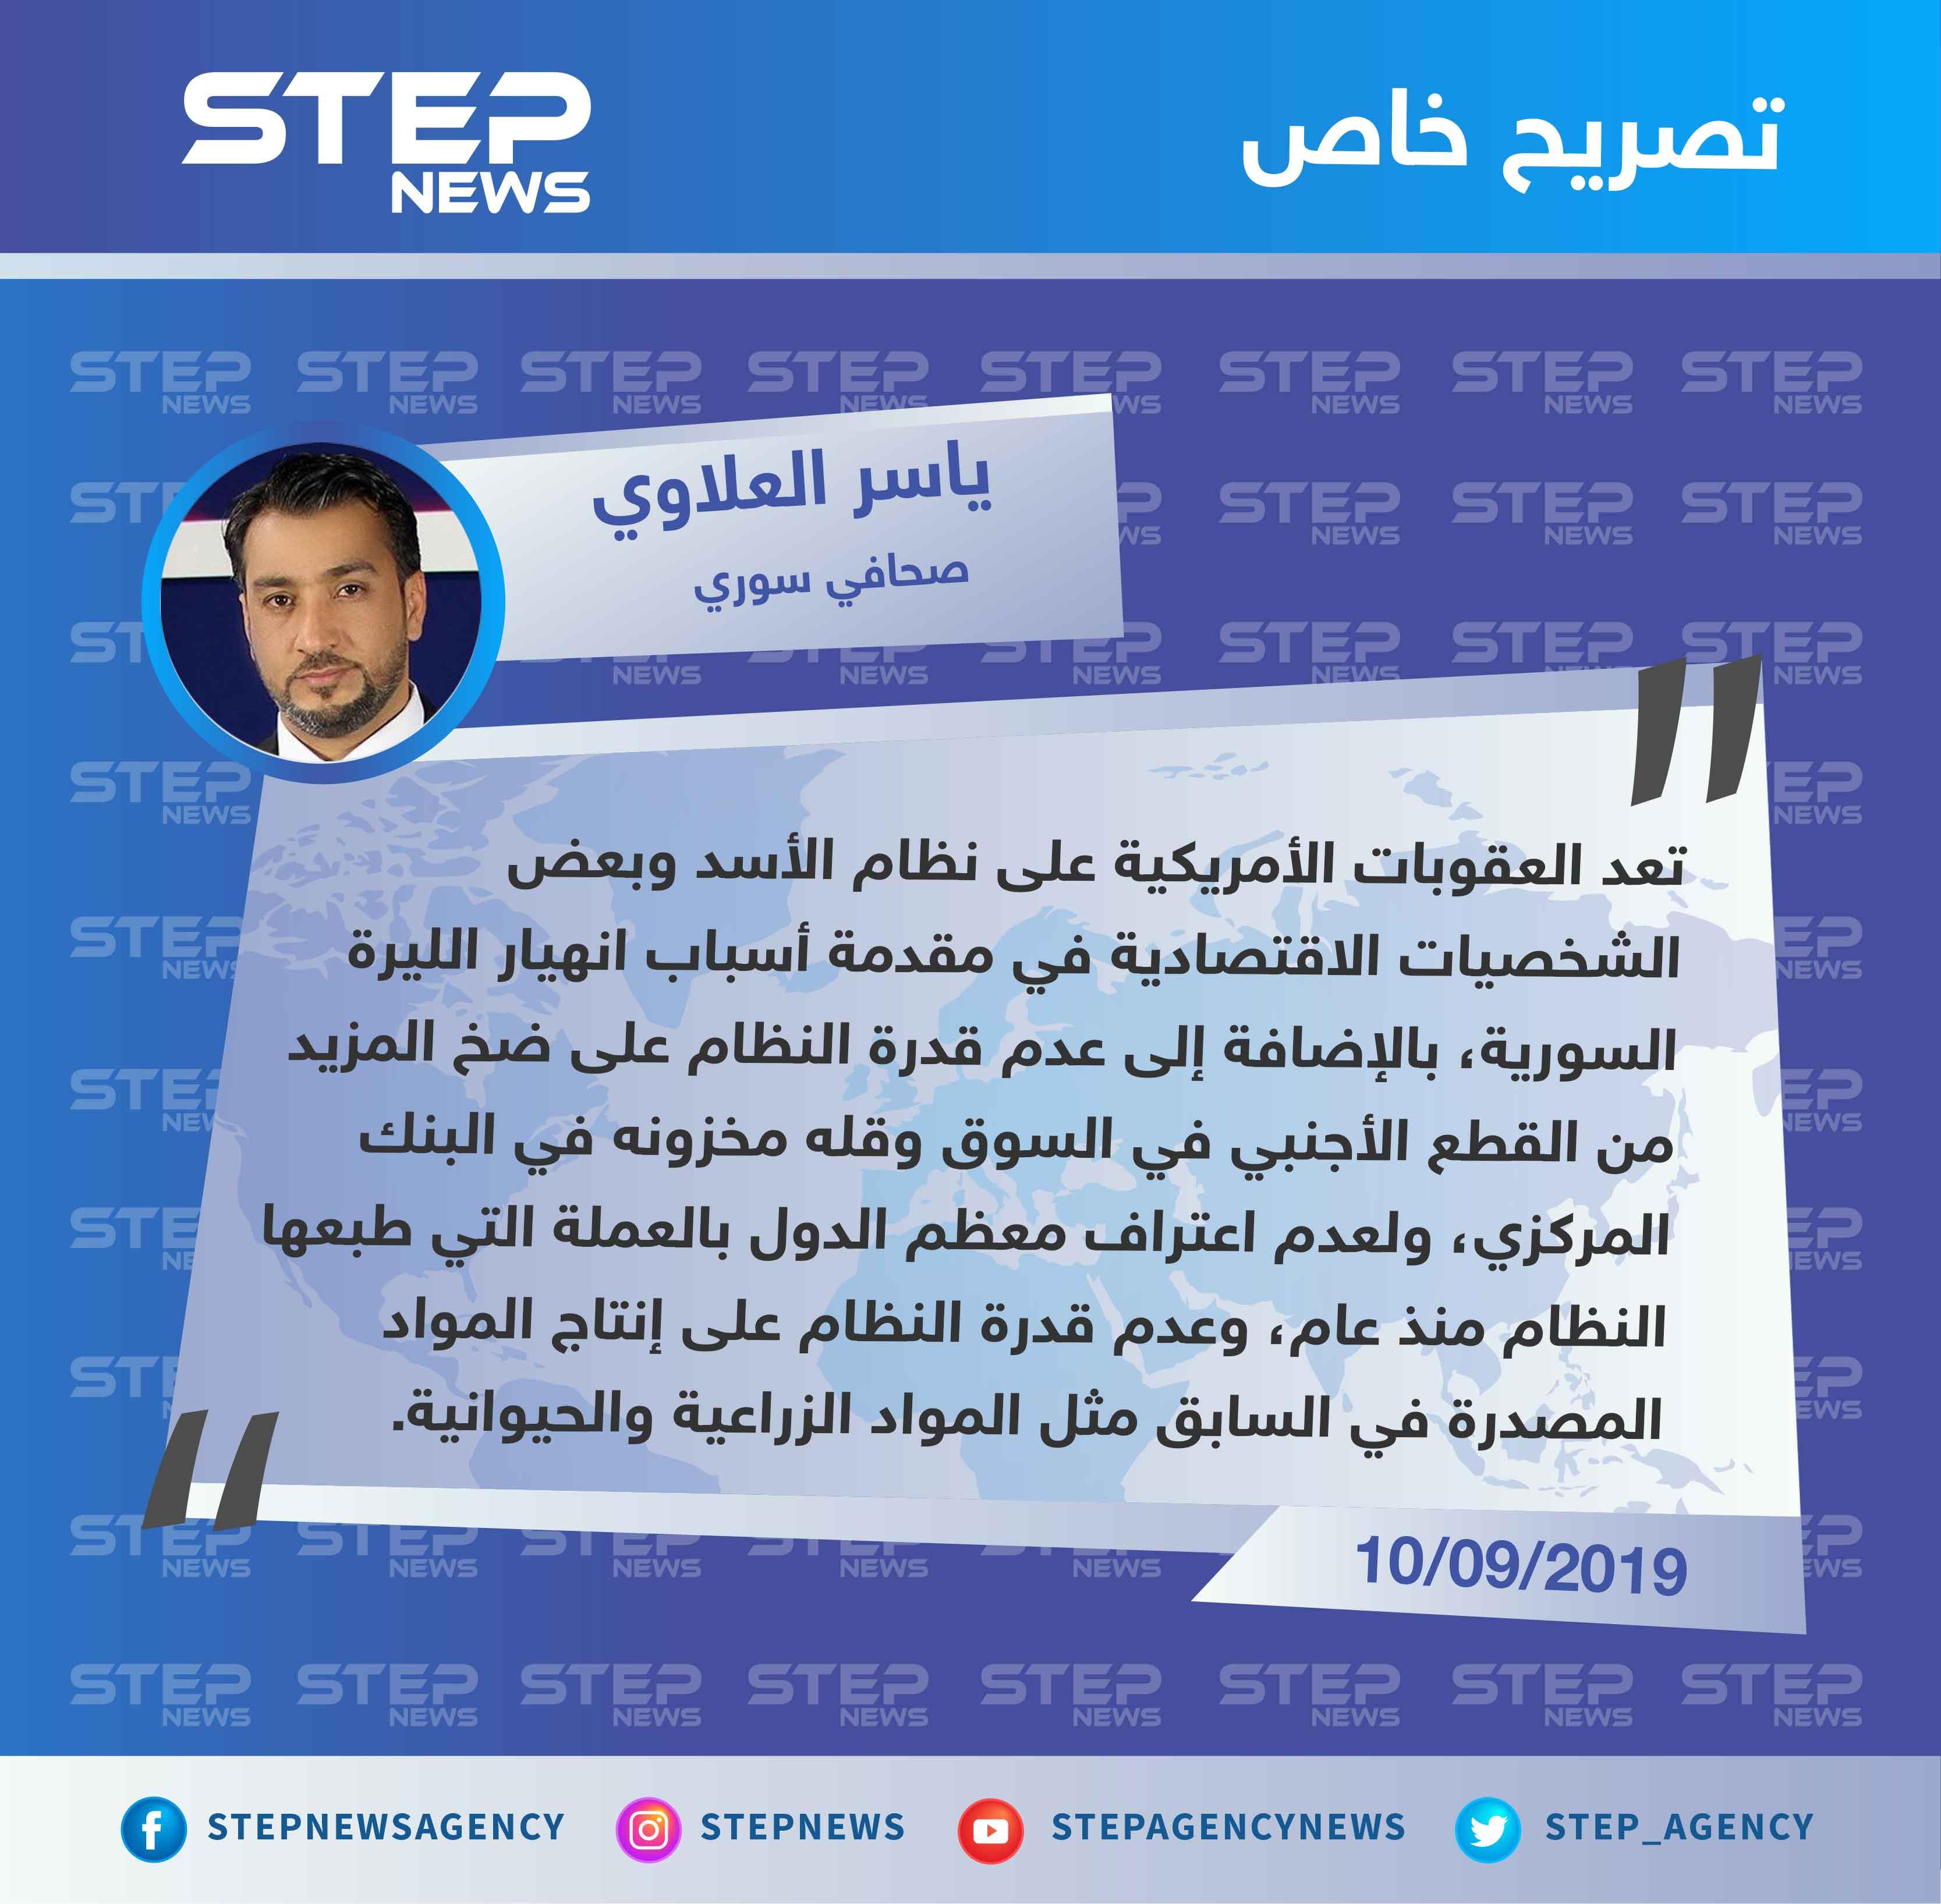 صحافي سوري لستيب: العقوبات الأمريكية على النظام السوري هي سبب انهيار الليرة السورية